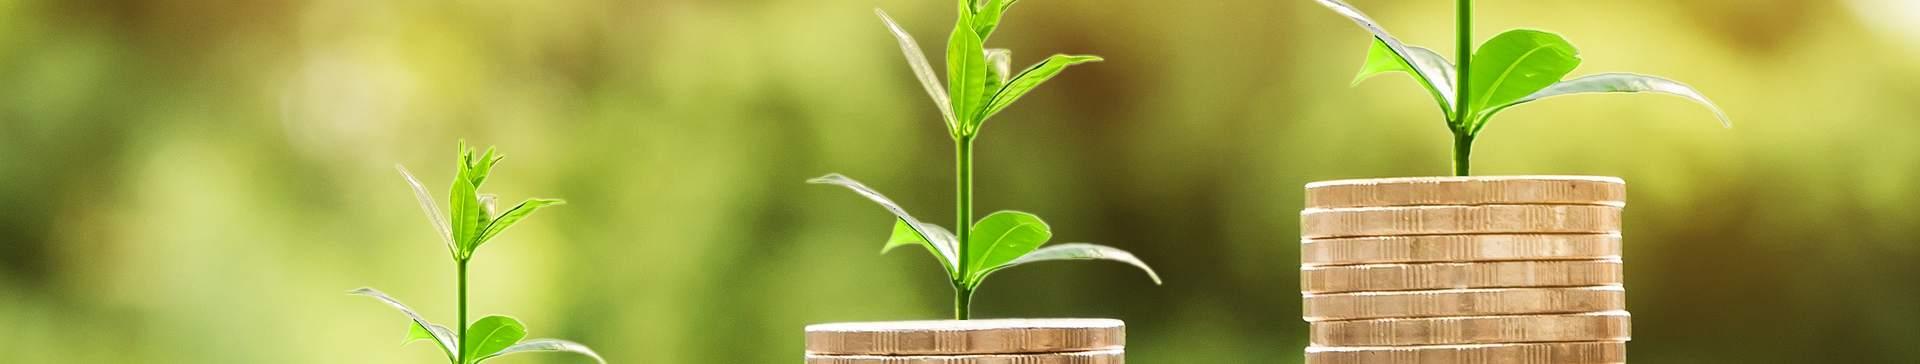 Quelles solutions business pour gagner en compétitivité ?